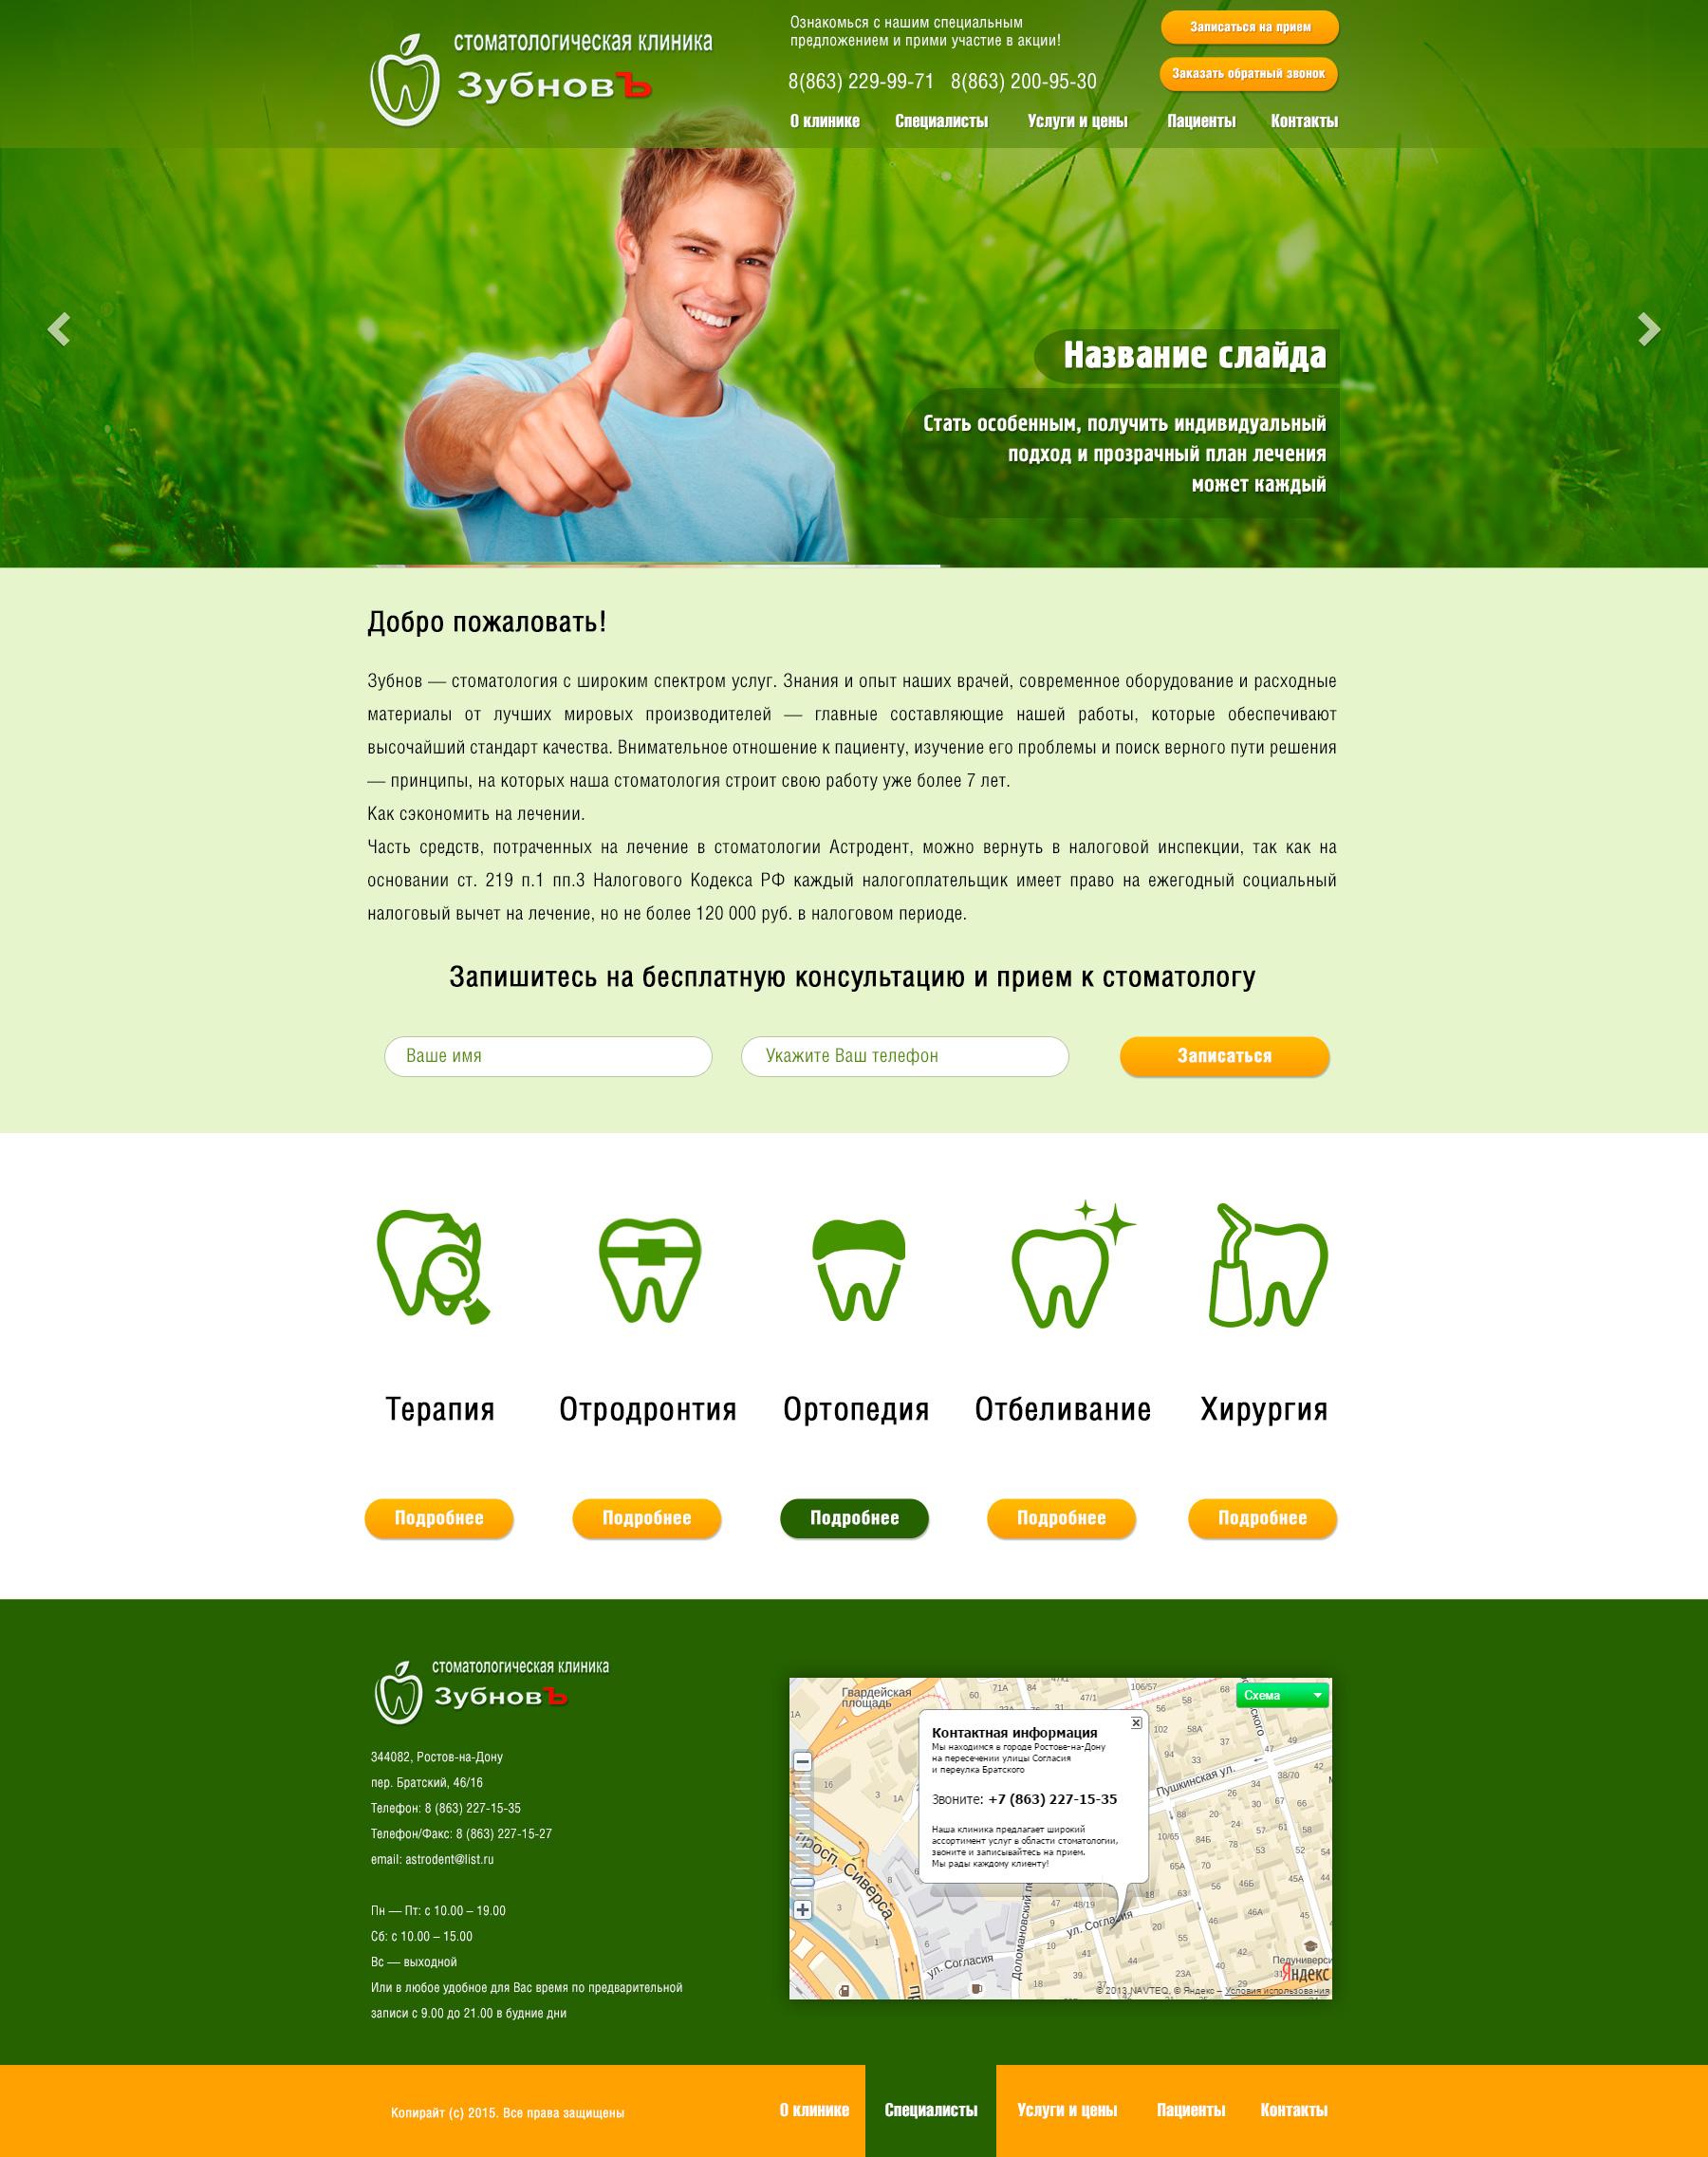 Сайт зубновъ.рф